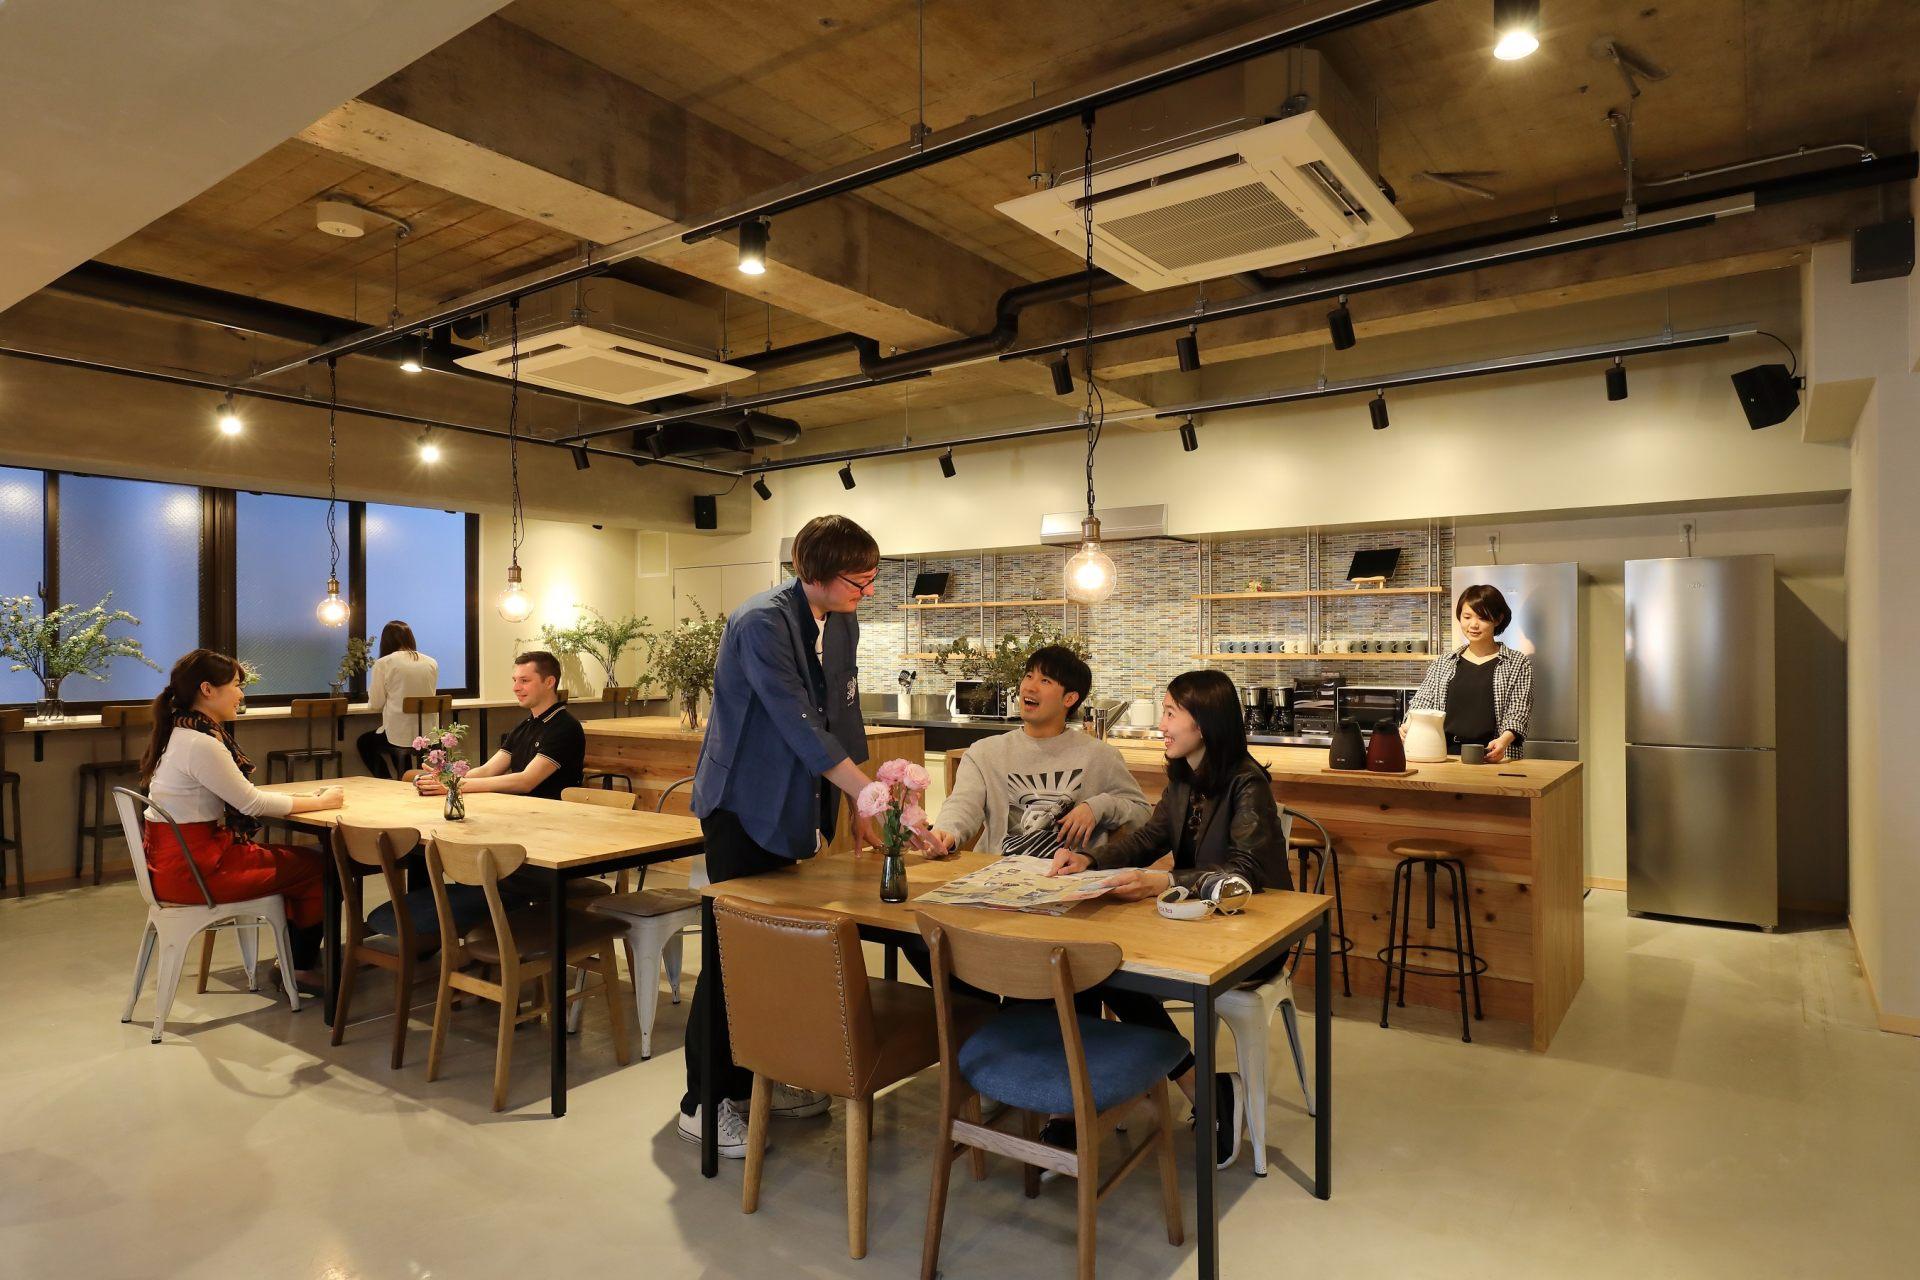 在廚具齊全的開放式廚房裡,與旅伴一起做飯吧!